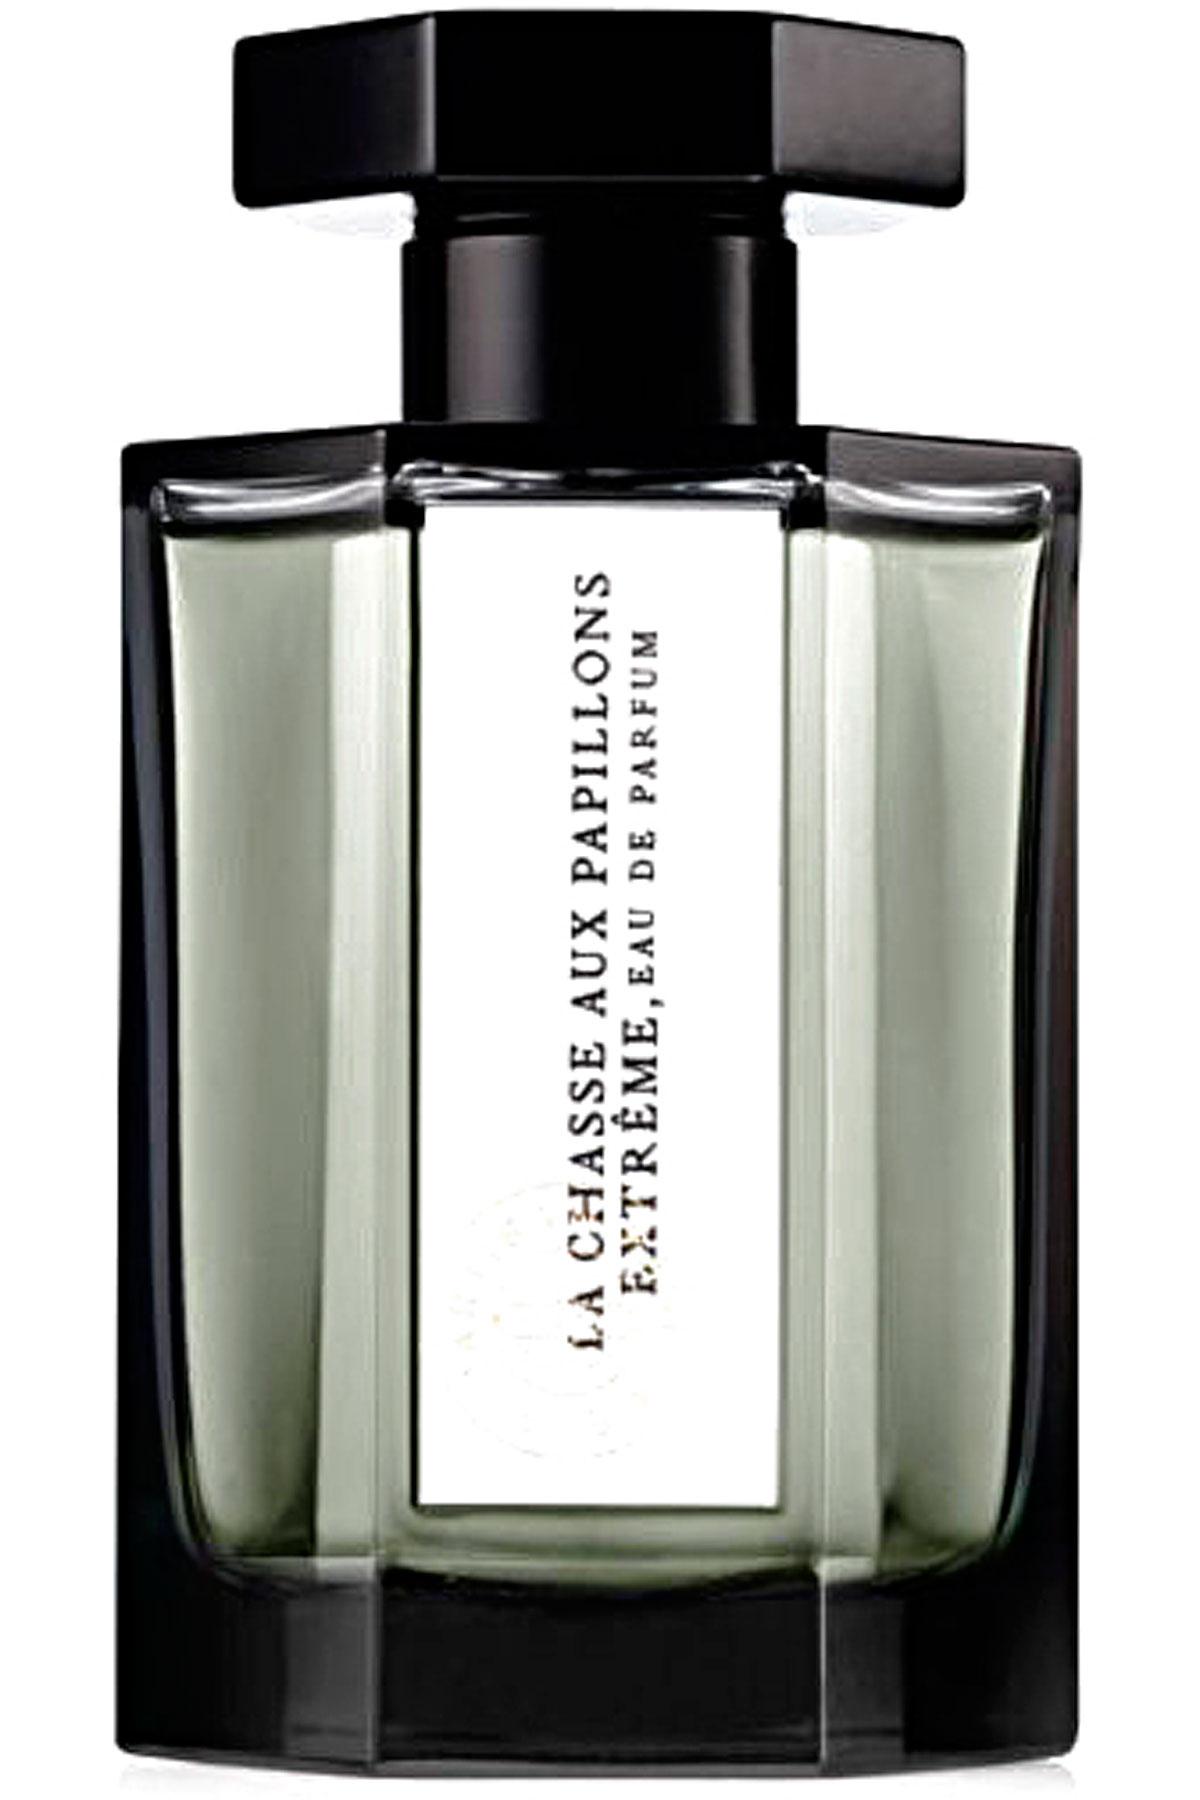 Artisan Parfumeur Fragrances for Women, La Chasse Aux Papillons Extreme - Eau De Parfum - 100 Ml, 2019, 100 ml